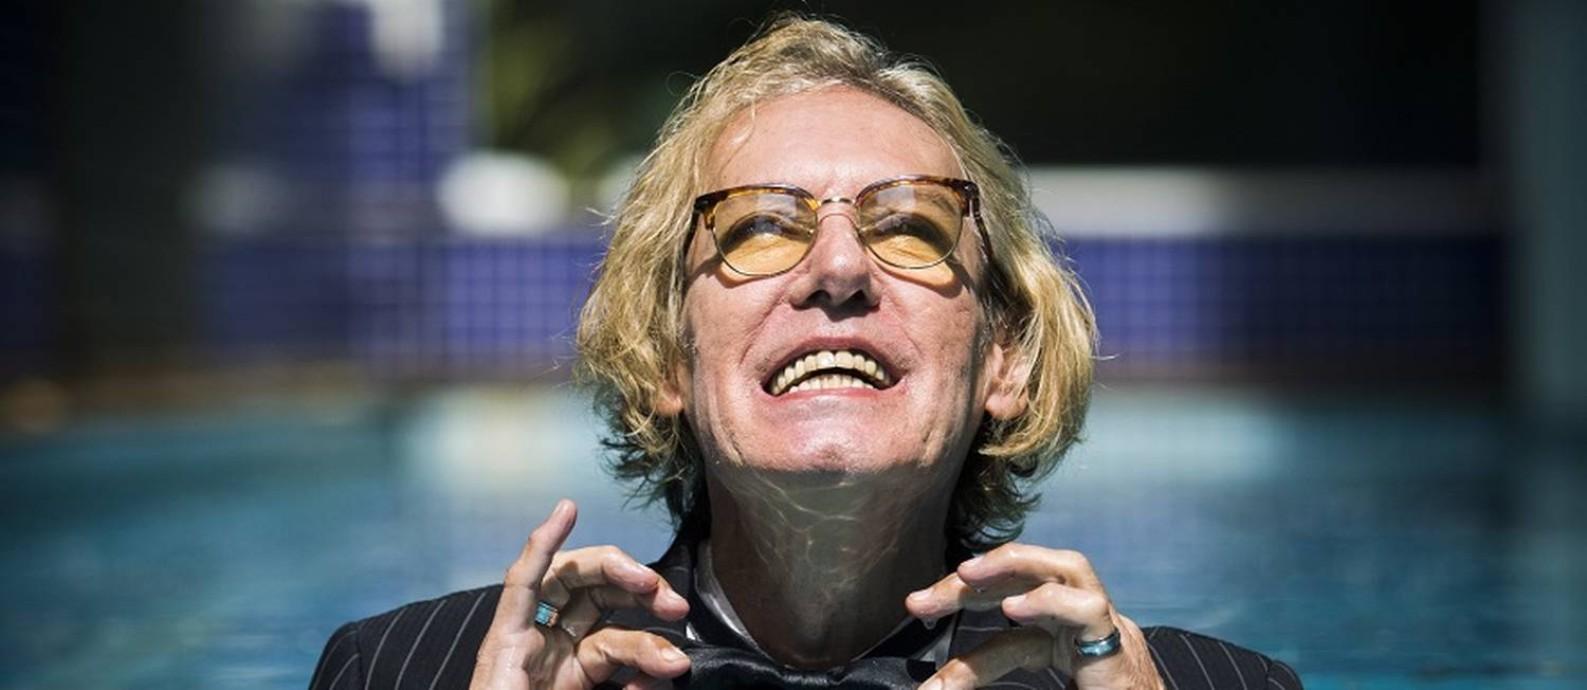 MOLHADO NO BAILE. Foi Dussek quem sugeriu a foto de terno e gravata-borboleta na piscina de seu prédio Foto: Bárbara Lopes / Agência O Globo